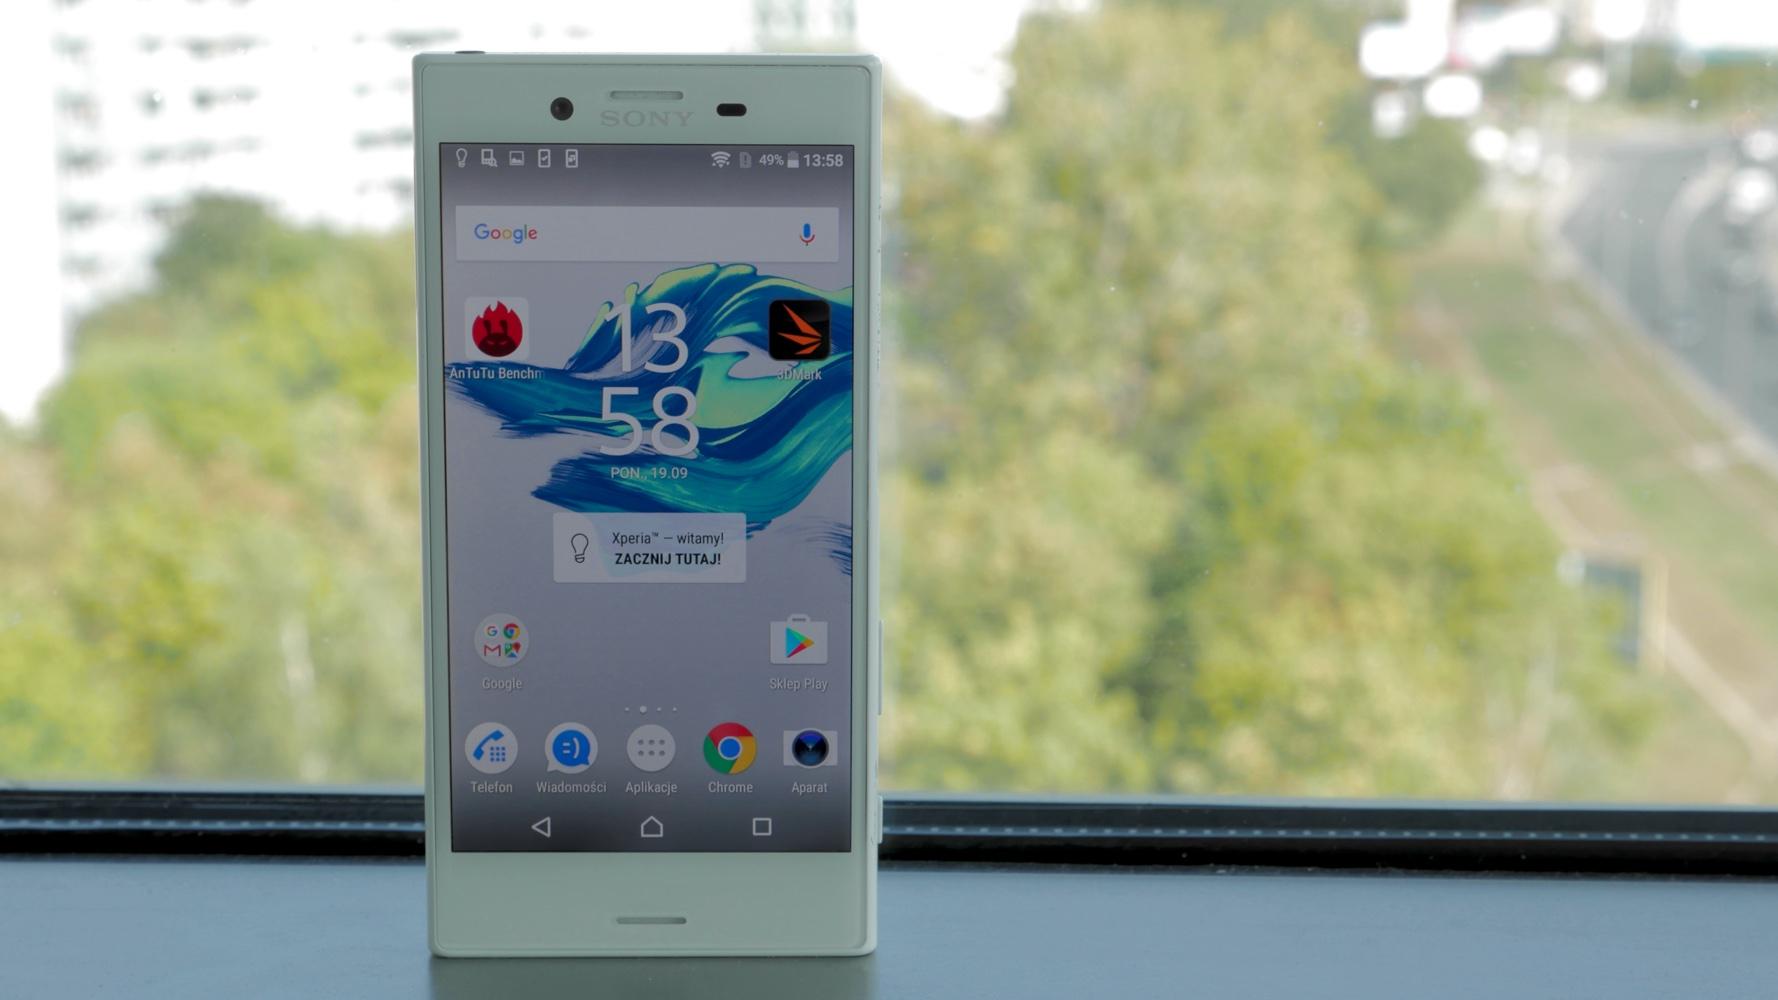 sony xperia - smartfon przy oknie